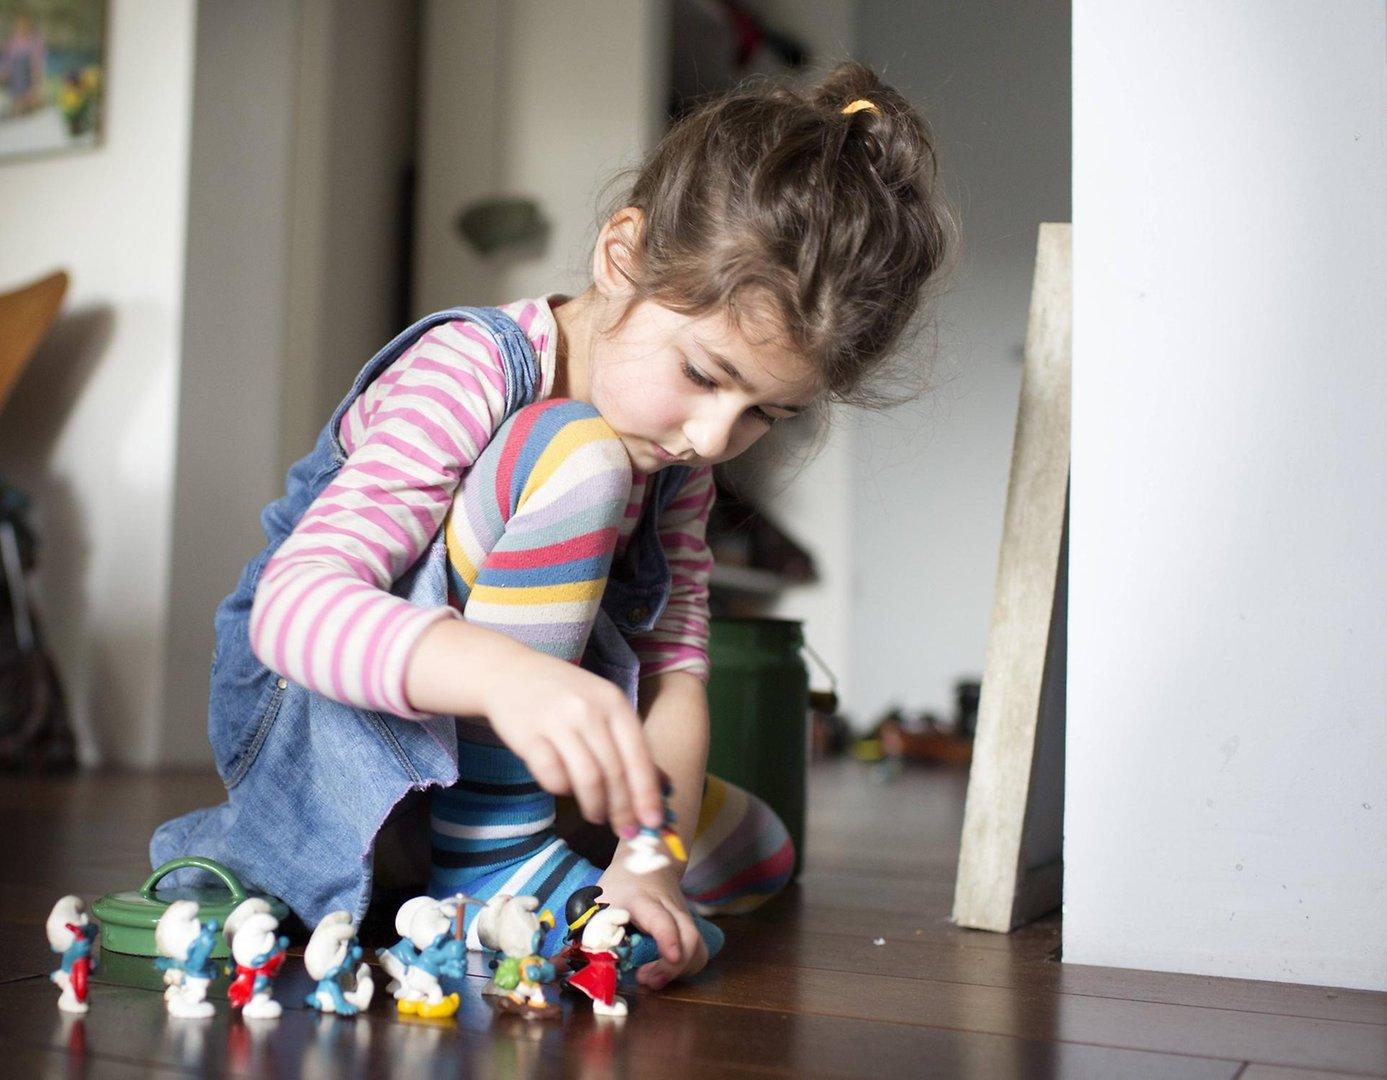 Ab Welchem Alter Dürfen Kinder Alleine Zu Hause Bleiben